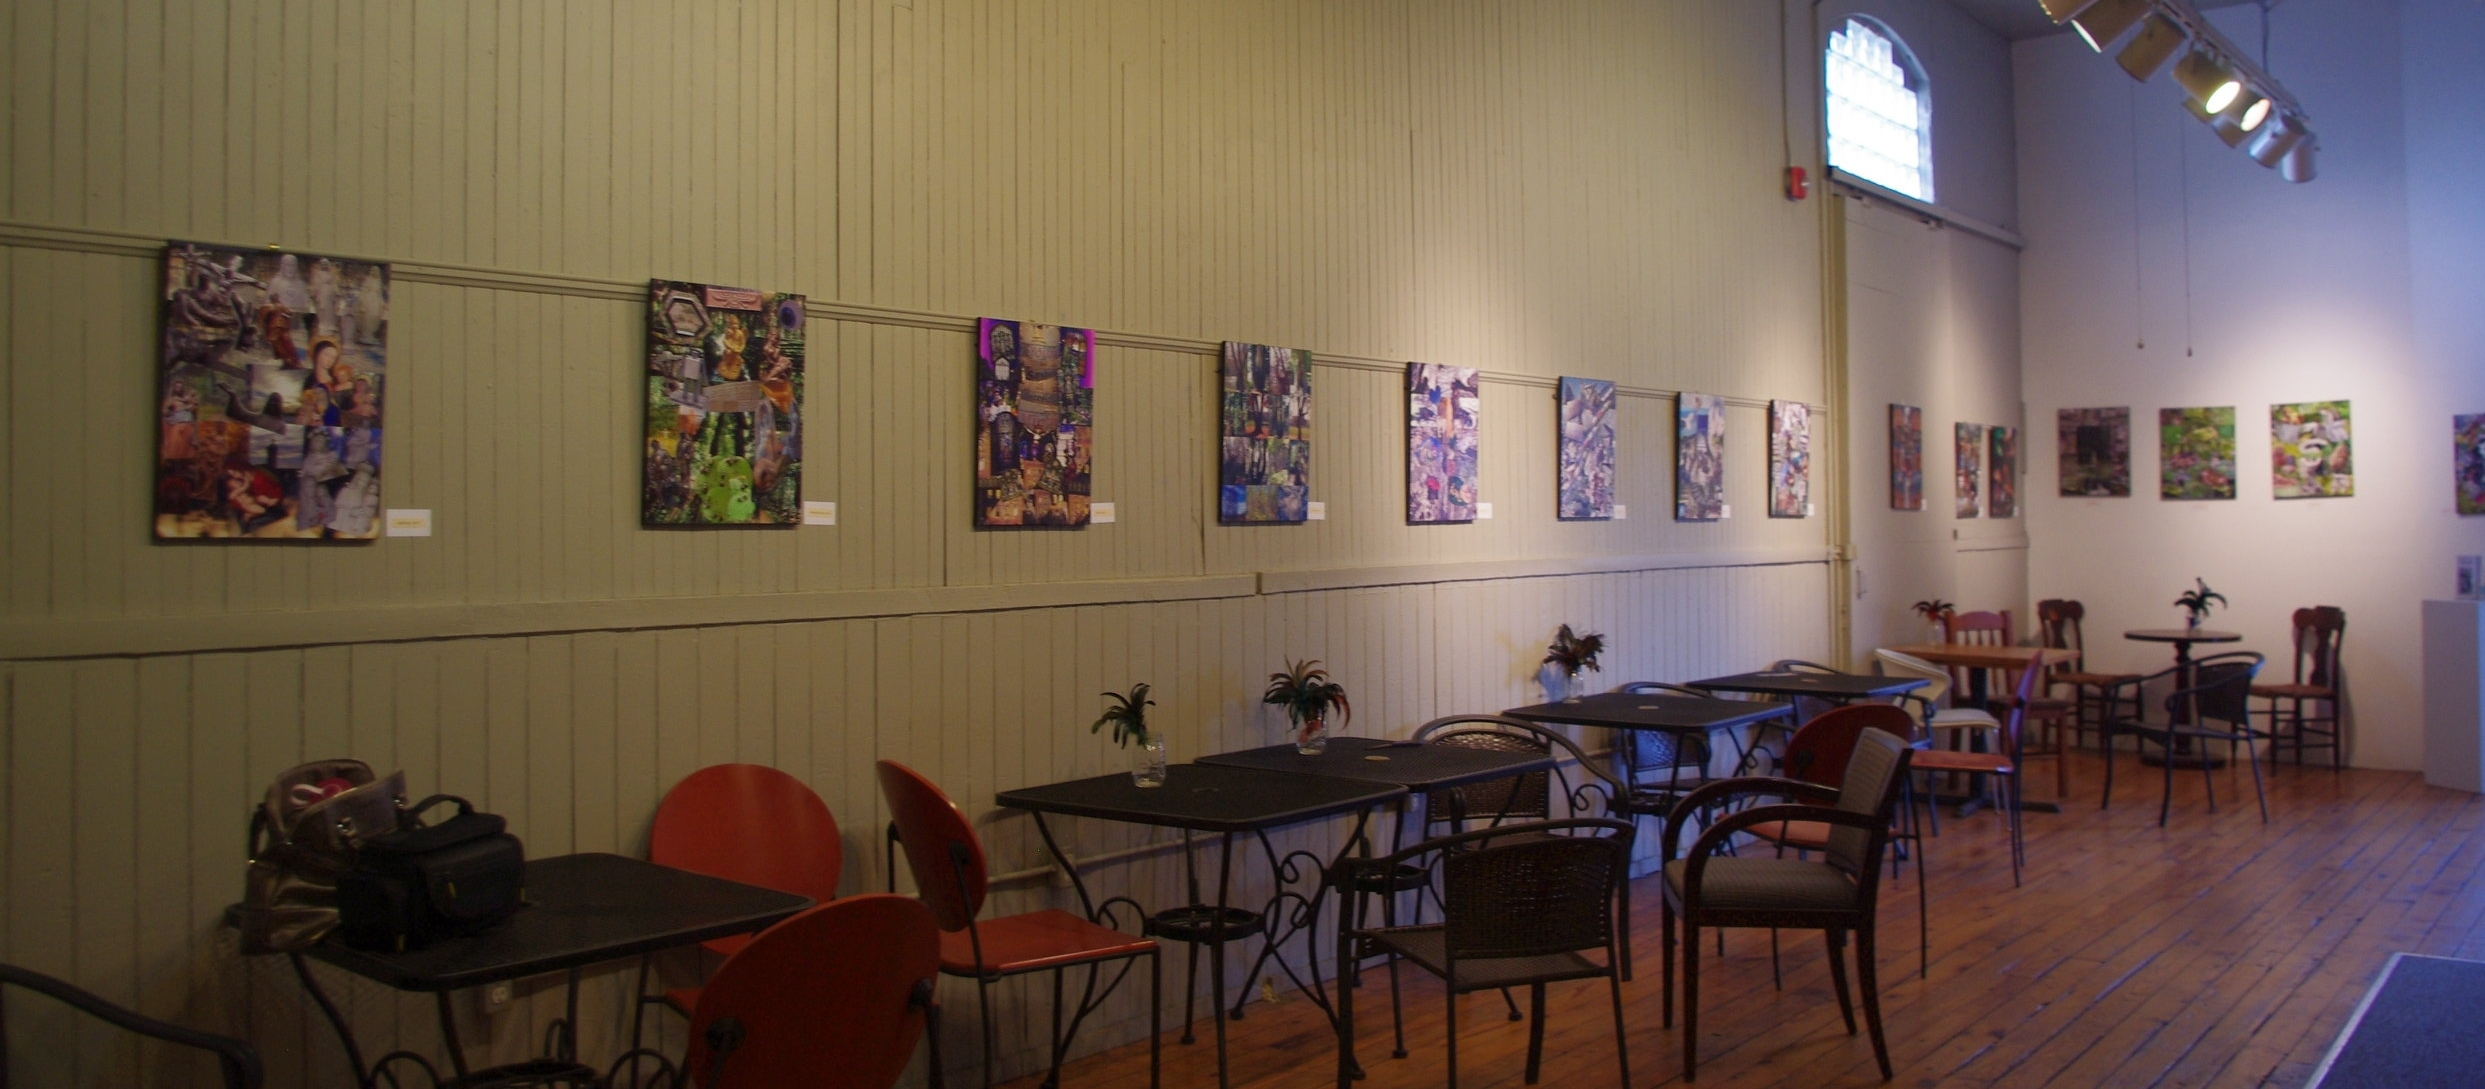 The Art Mission & Theater Binghamton, NY